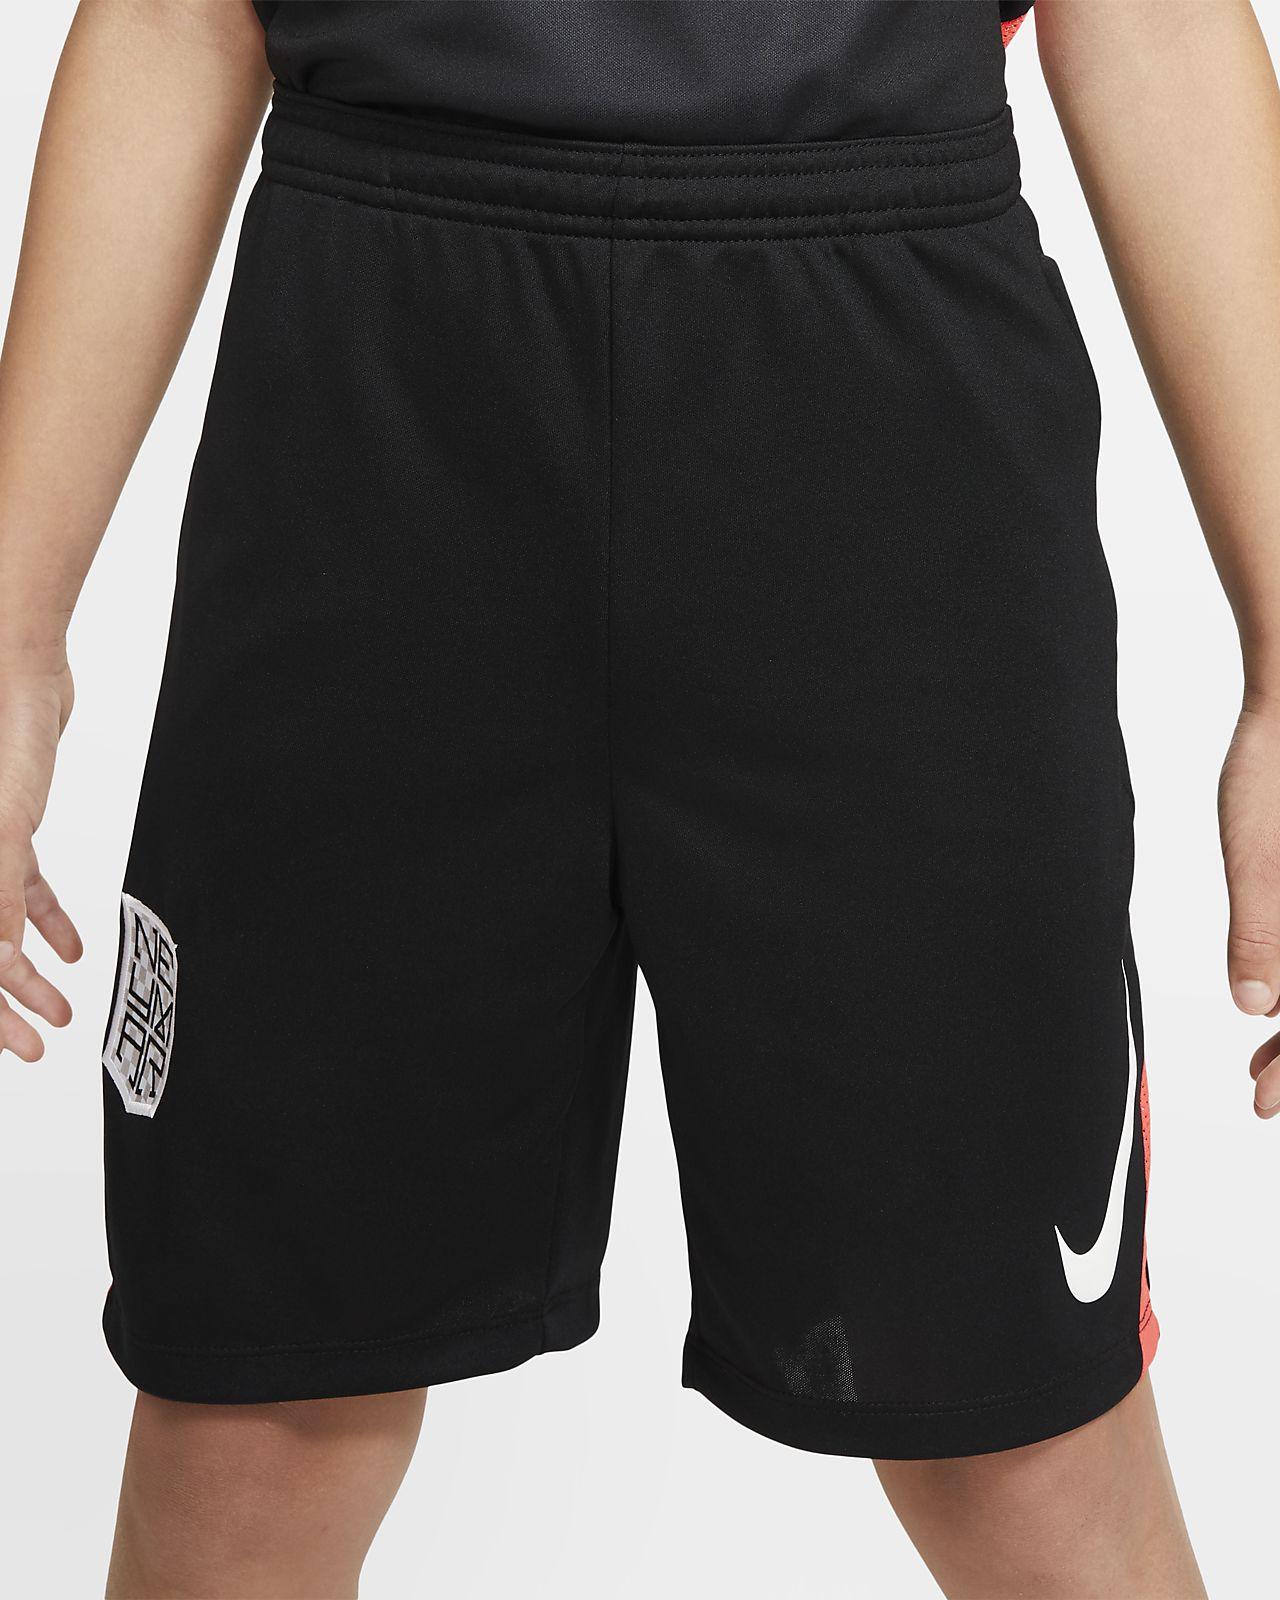 Fotbalové kraťasy Nike Dri-FIT Neymar Jr. pro větší děti